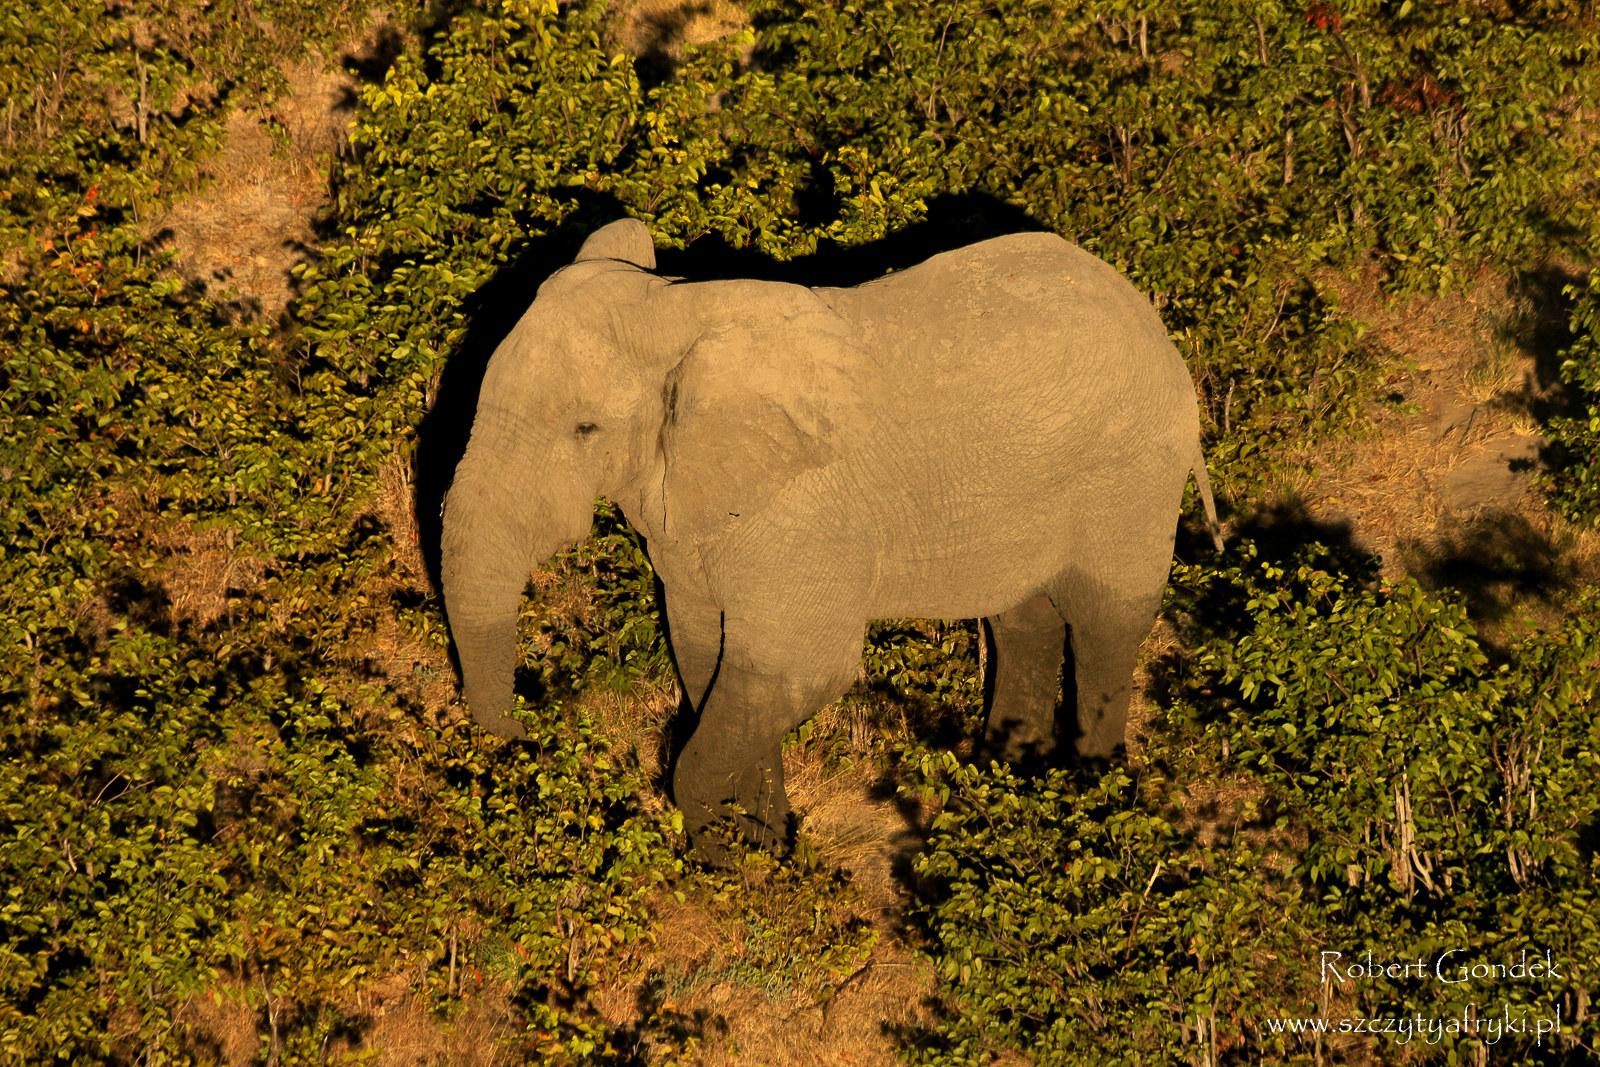 Słoń afrykański. Zdjęcie Roberta Gondka z Botswany